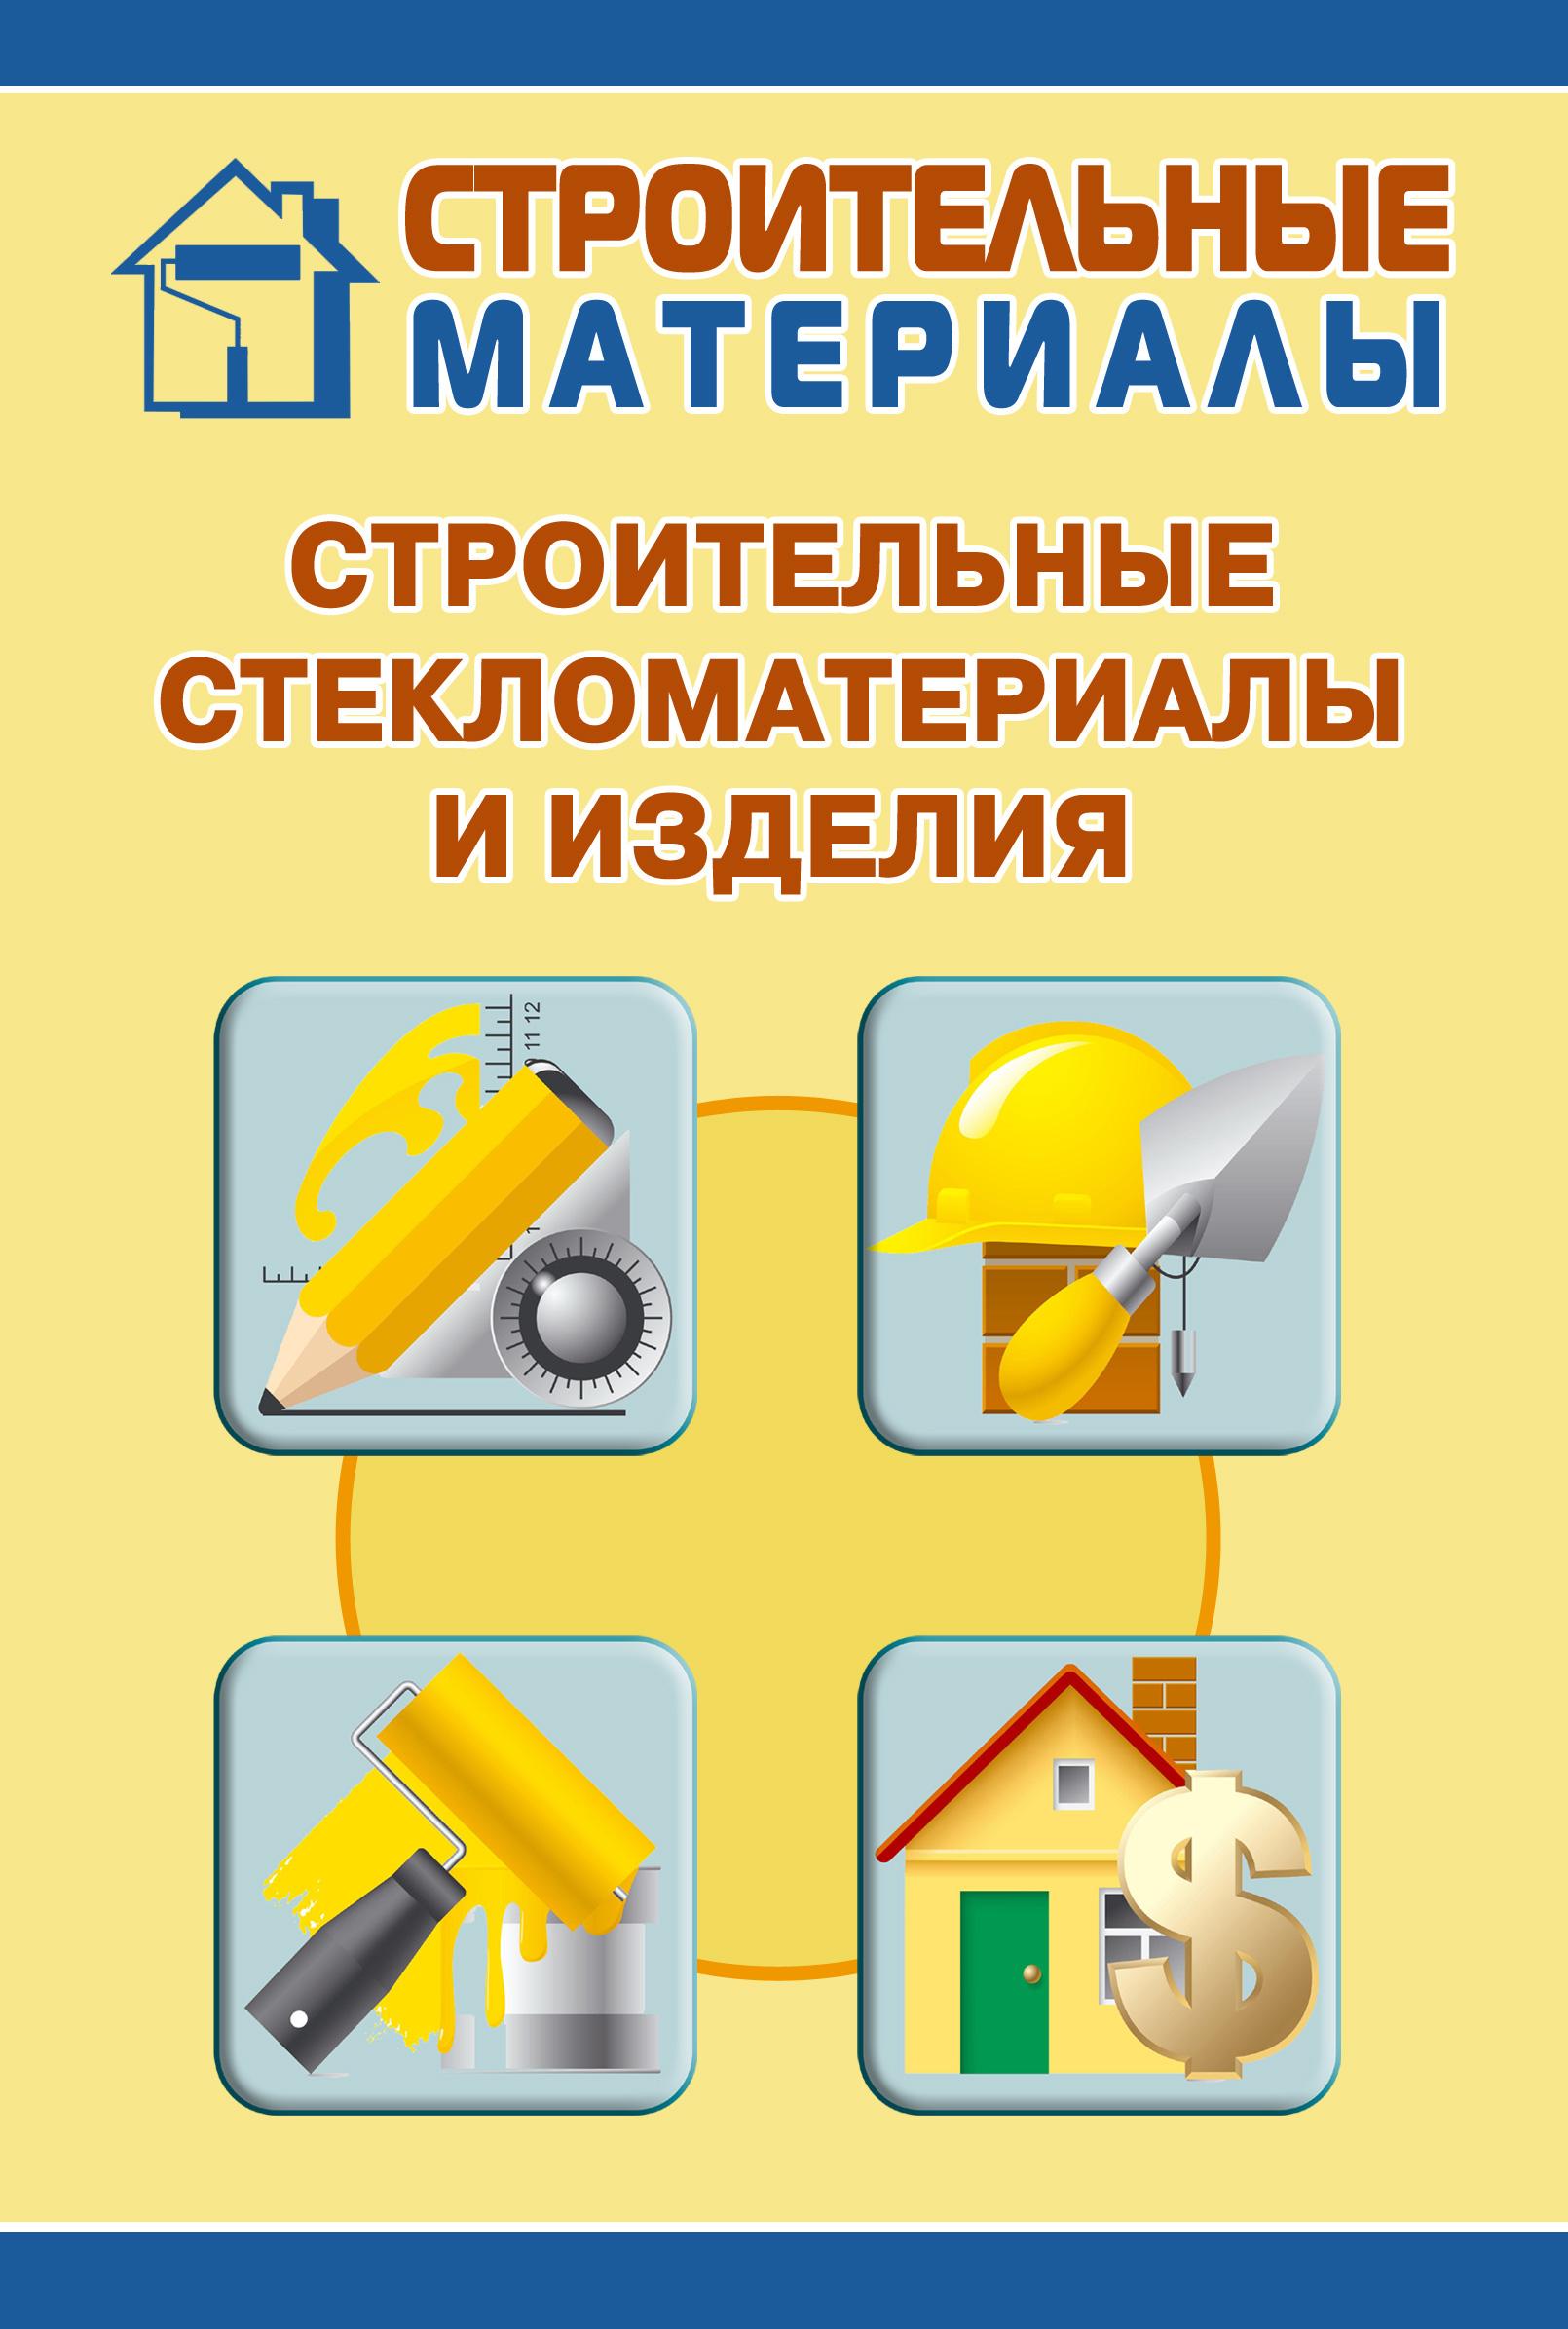 Строительные стекломатериалы и изделия